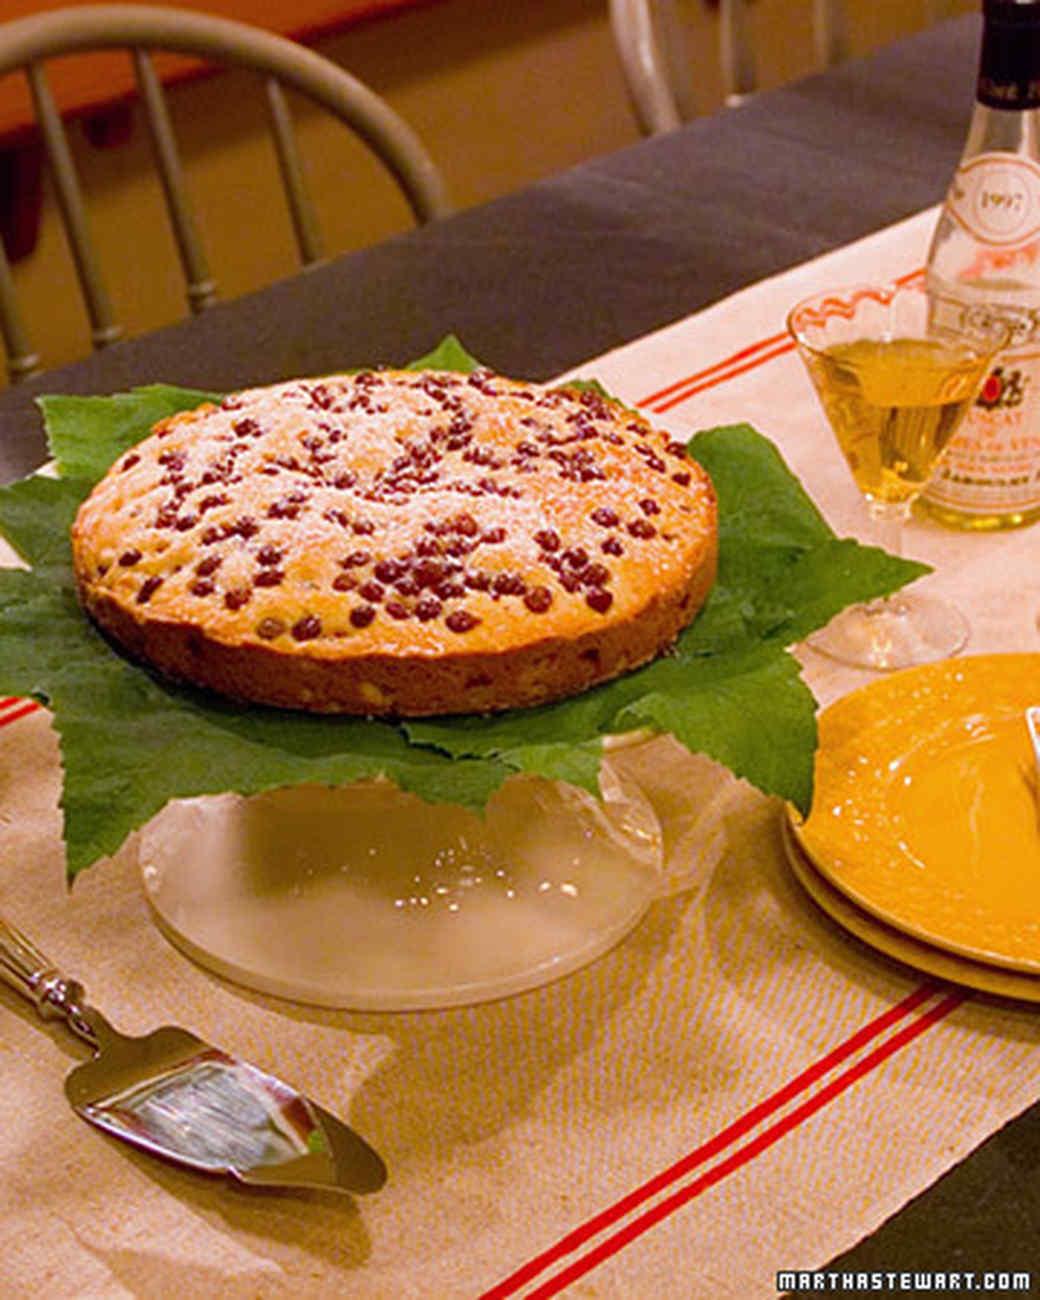 Winemakers' Grape Cake